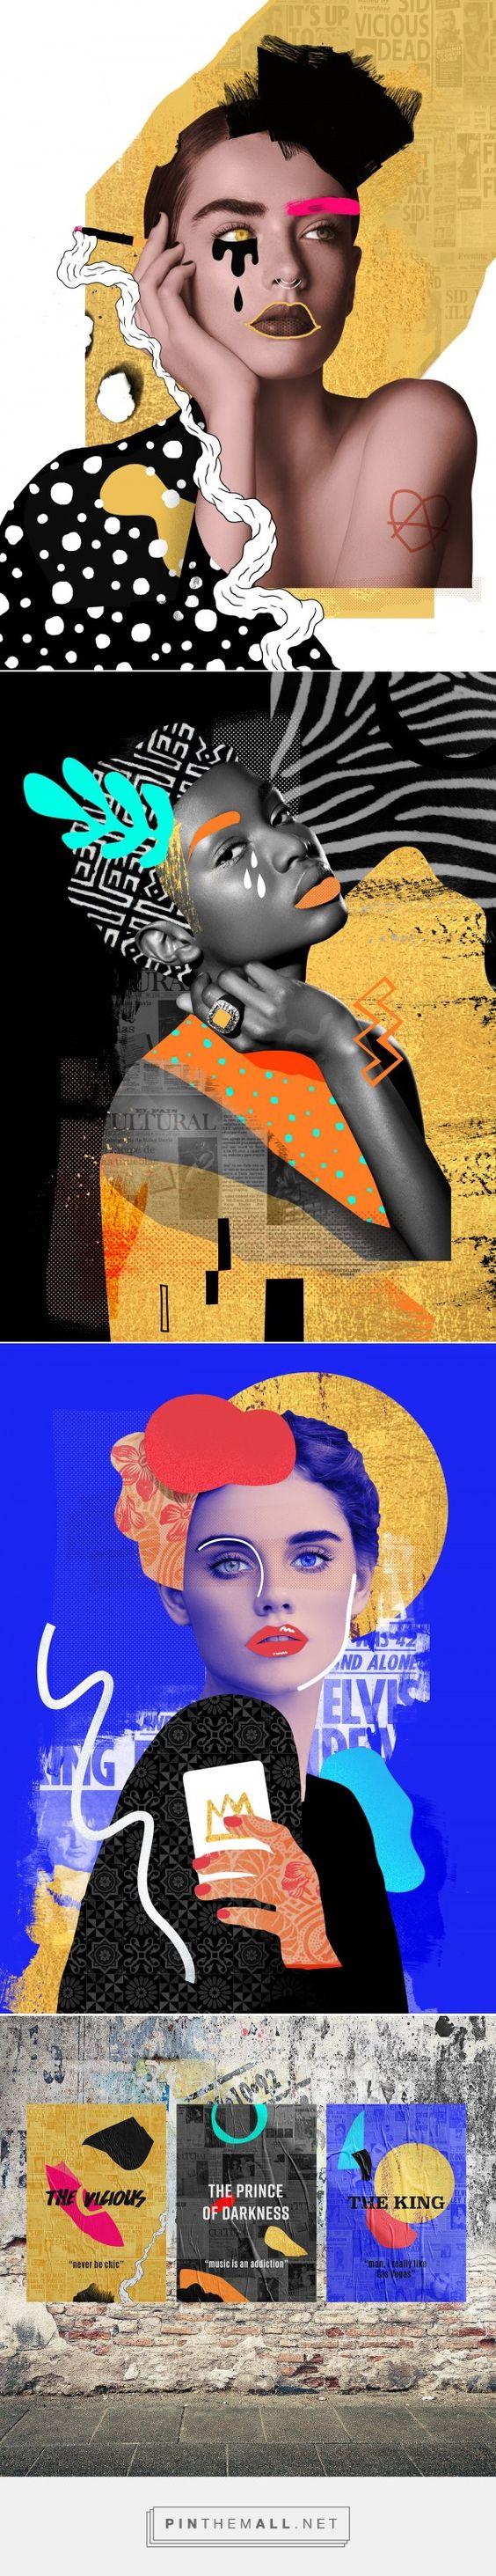 死声音海报设计Pablo Pasadas | Logo设计师布雷登顿,网页设计萨拉索塔,坦帕五星品牌代理#posterdesign #design#图形设计#designinspiration